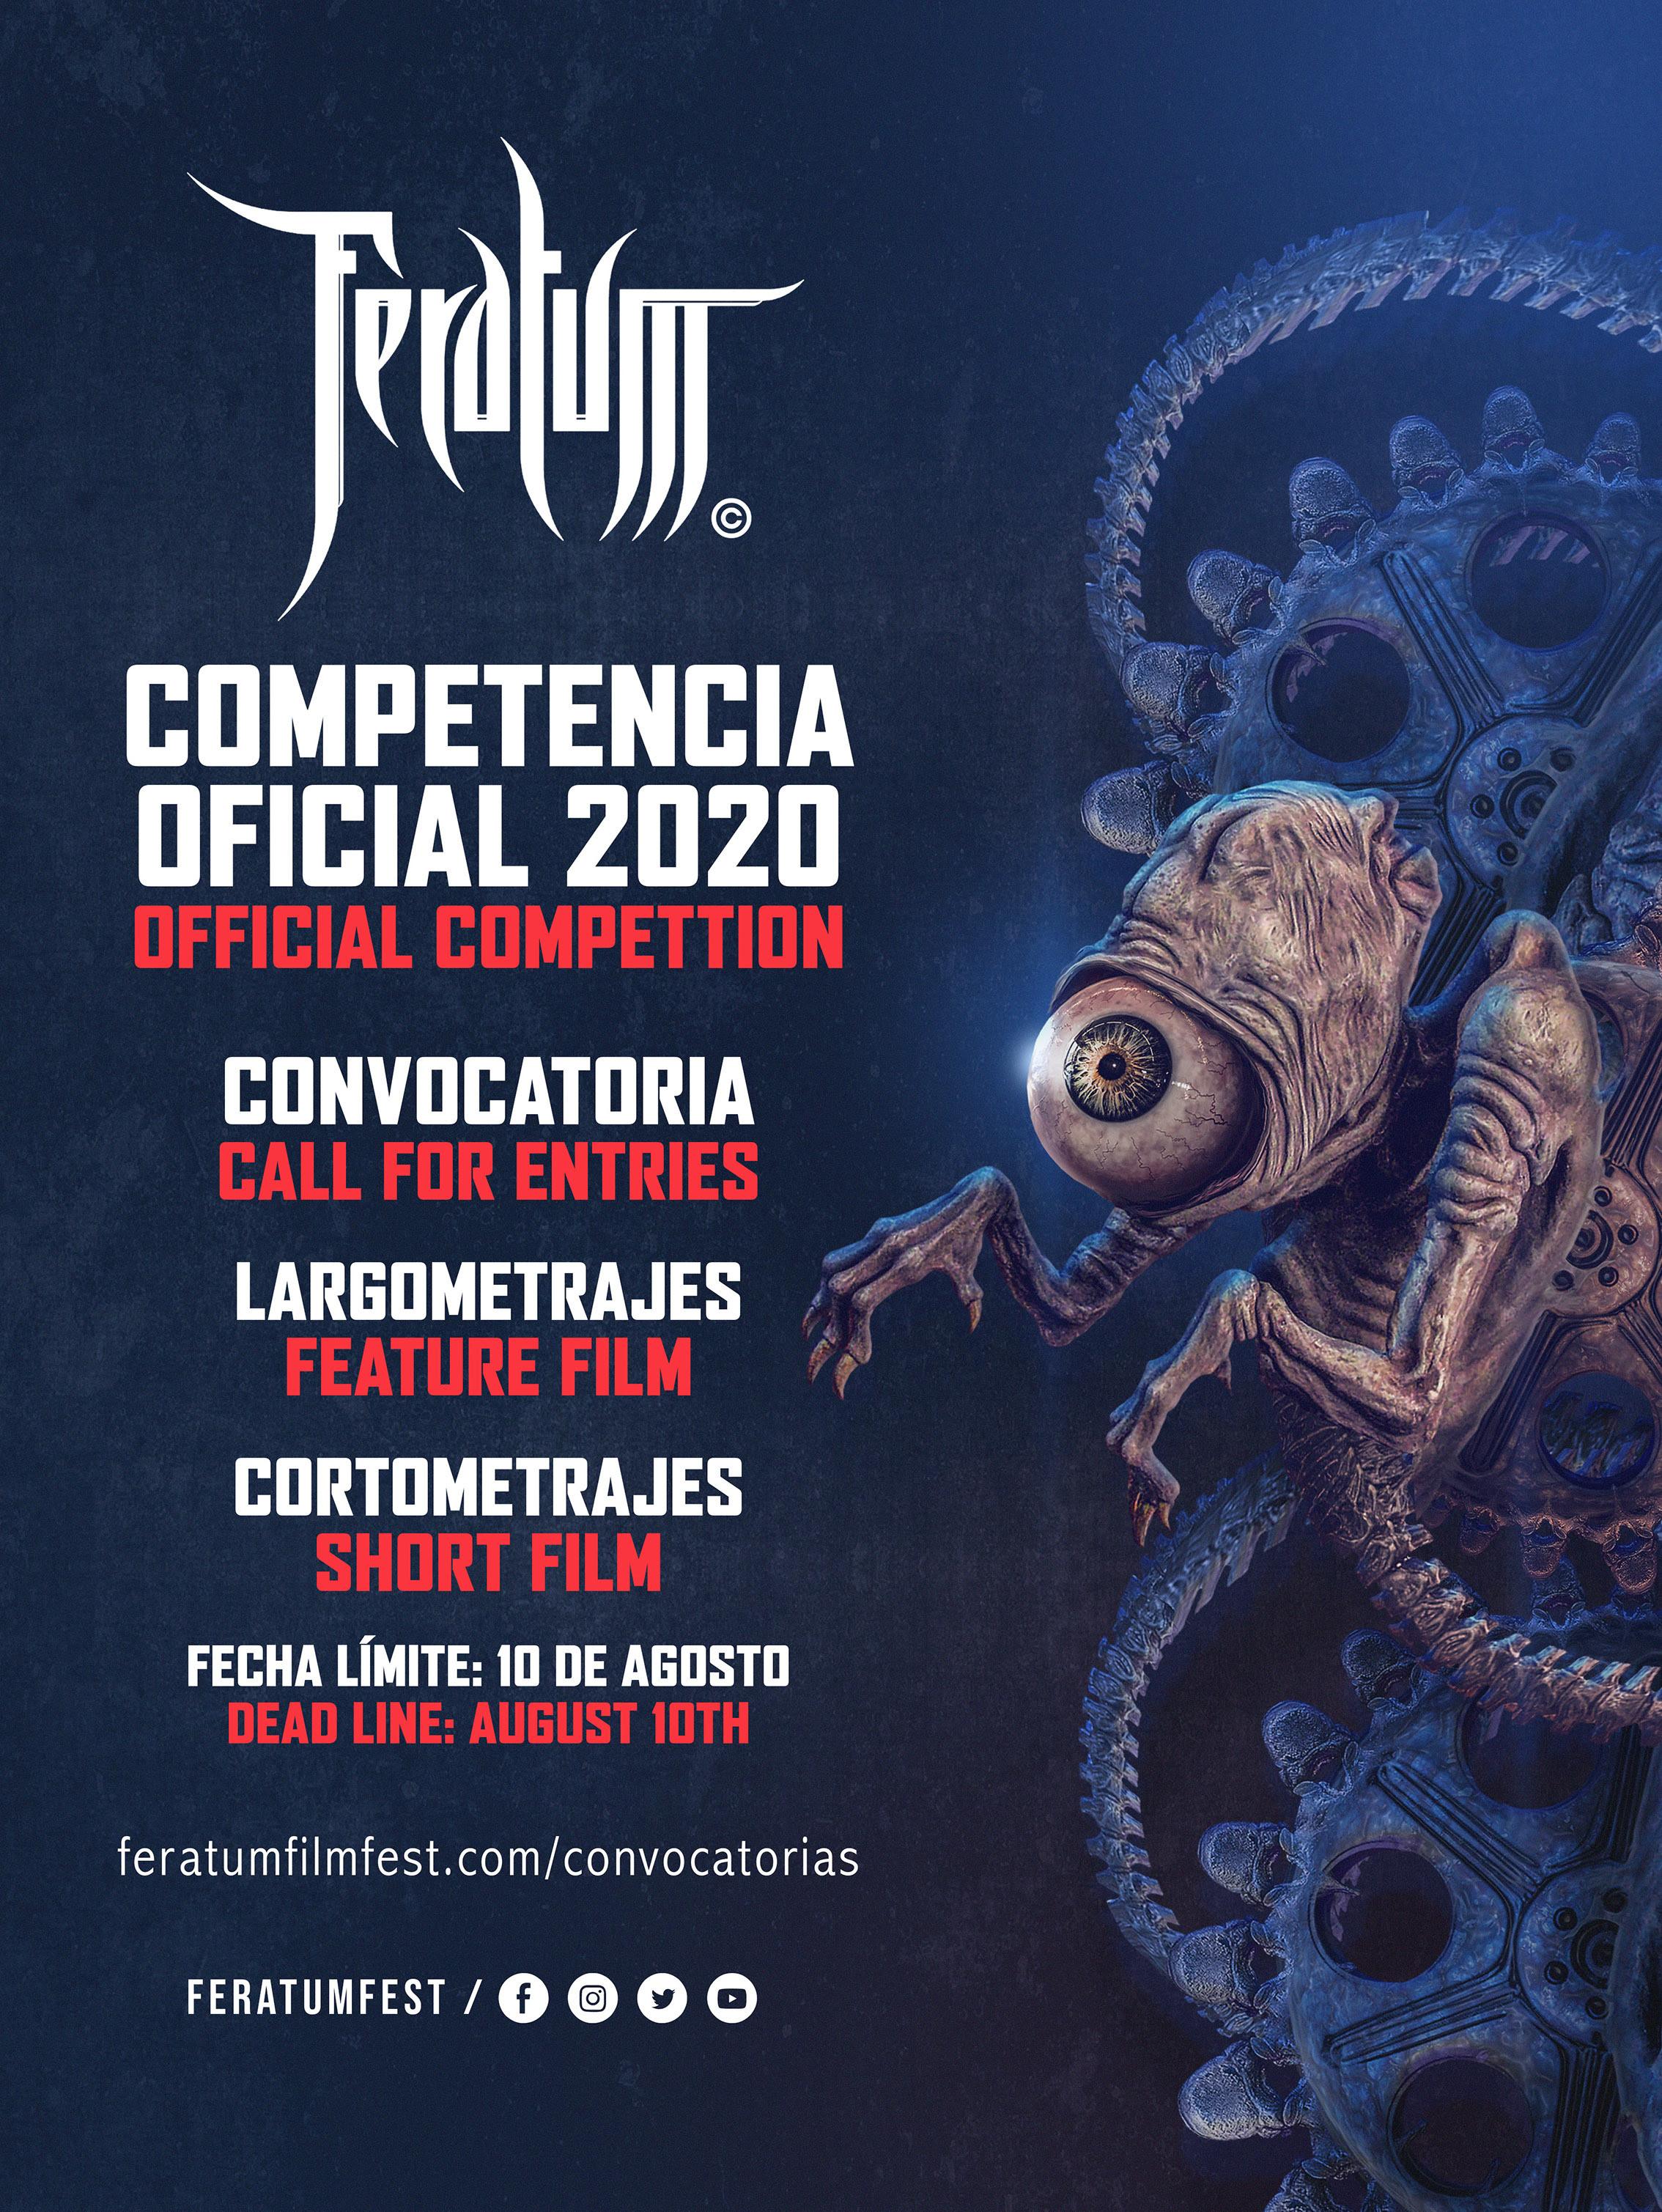 Feratum abre convocatorias para su novena edición